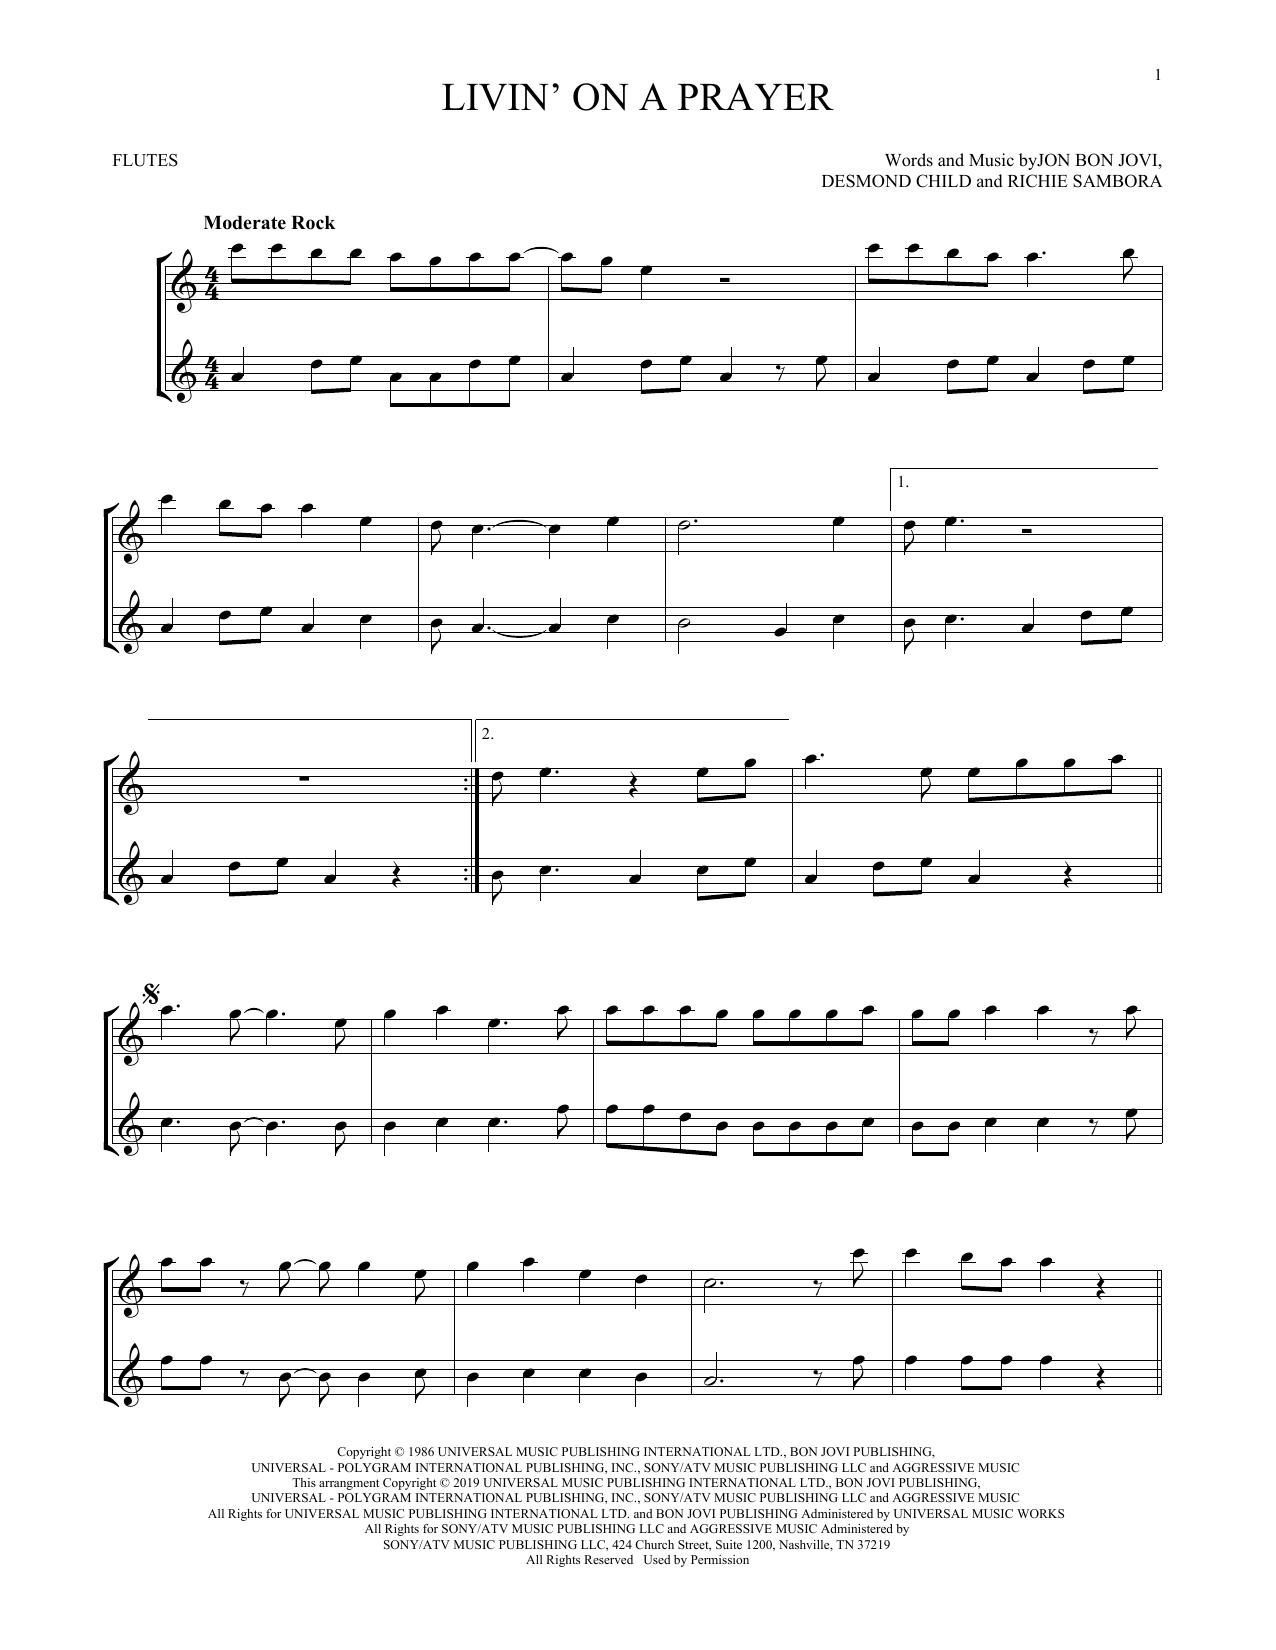 Livin' On A Prayer (Flute Duet)